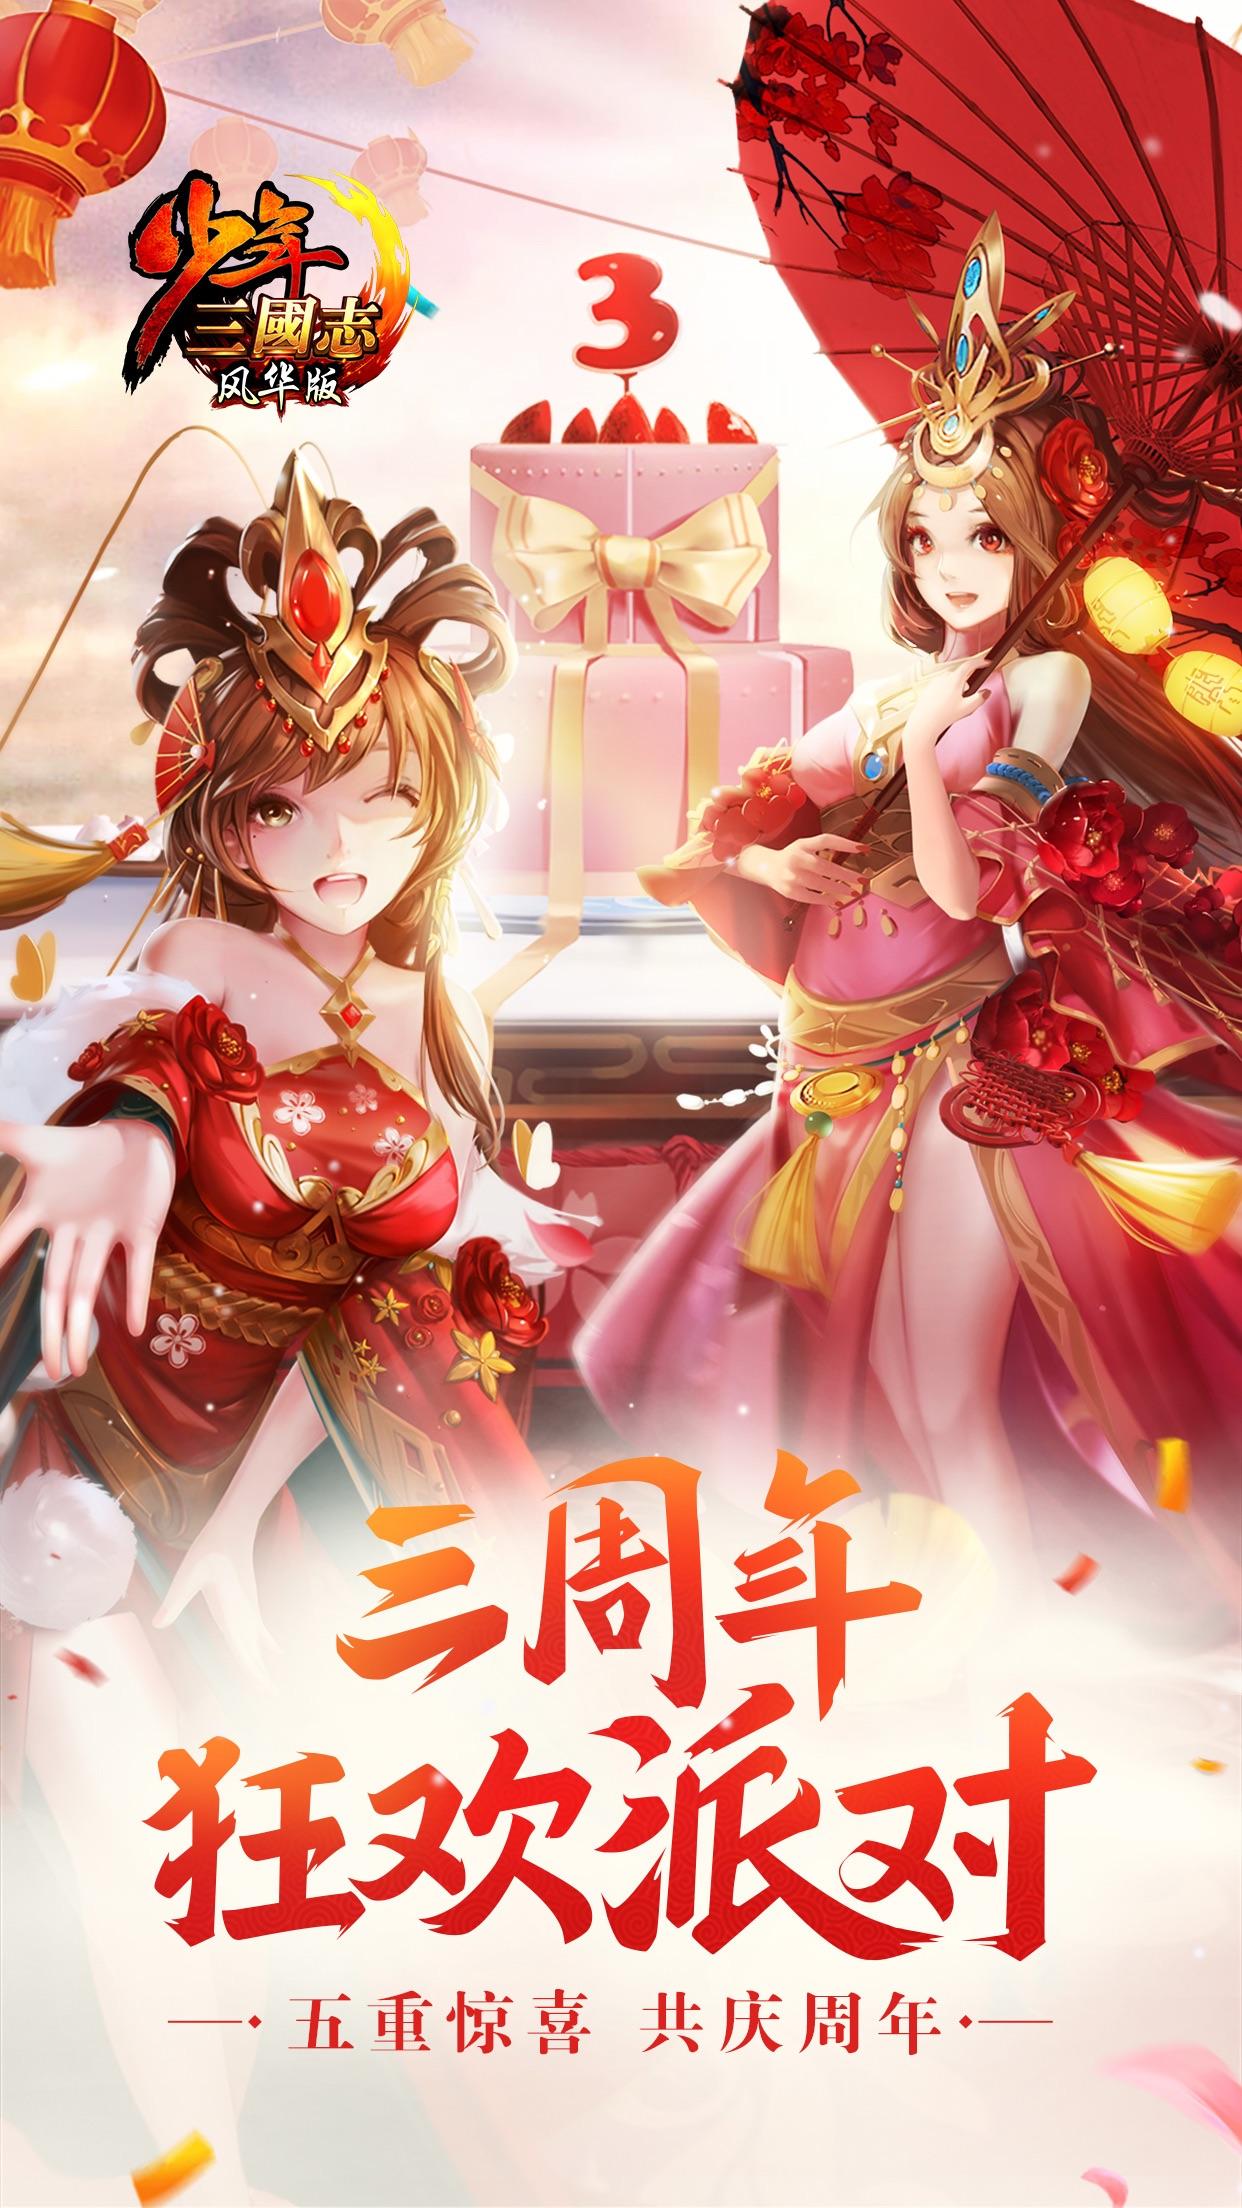 少年三国志-全新武将登场 Screenshot